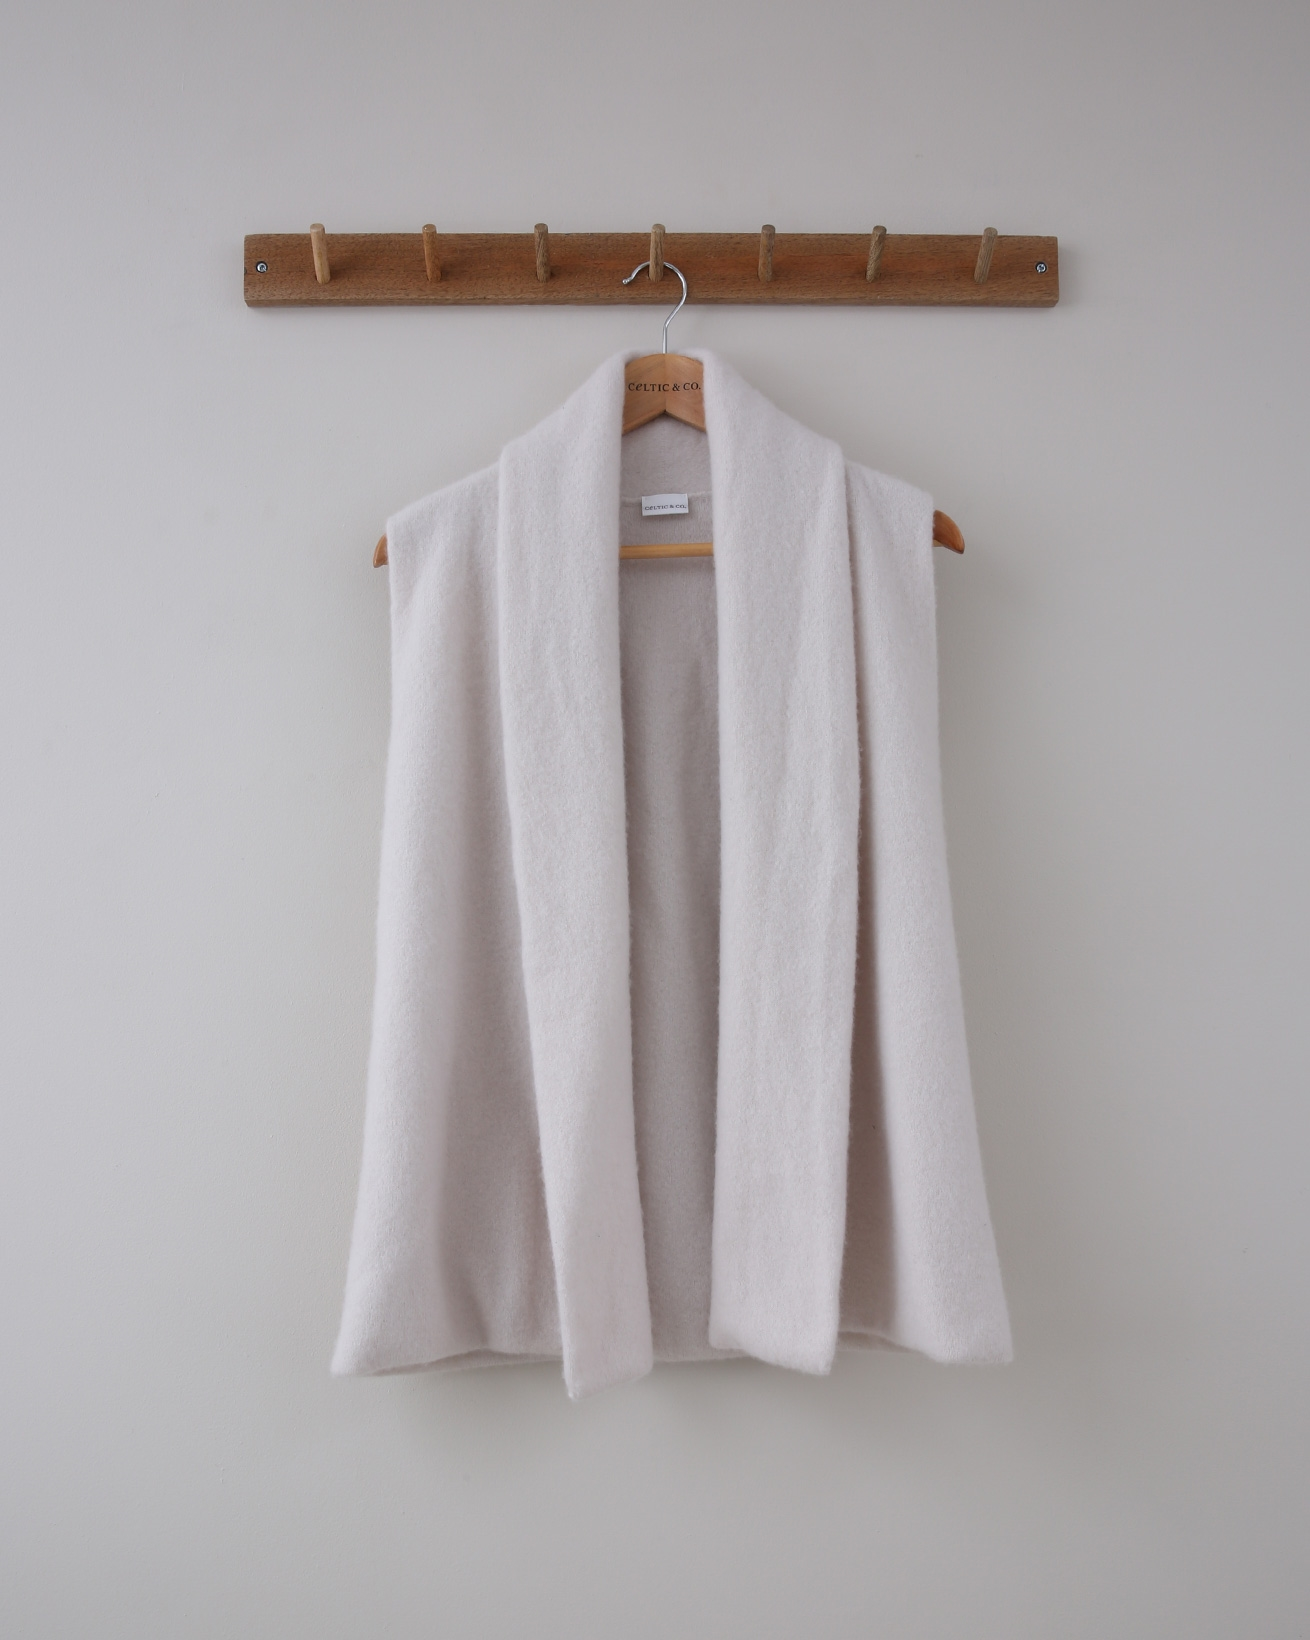 Shawl Collar Cashmere Bodywarmer  - Small - Ecru - 1384